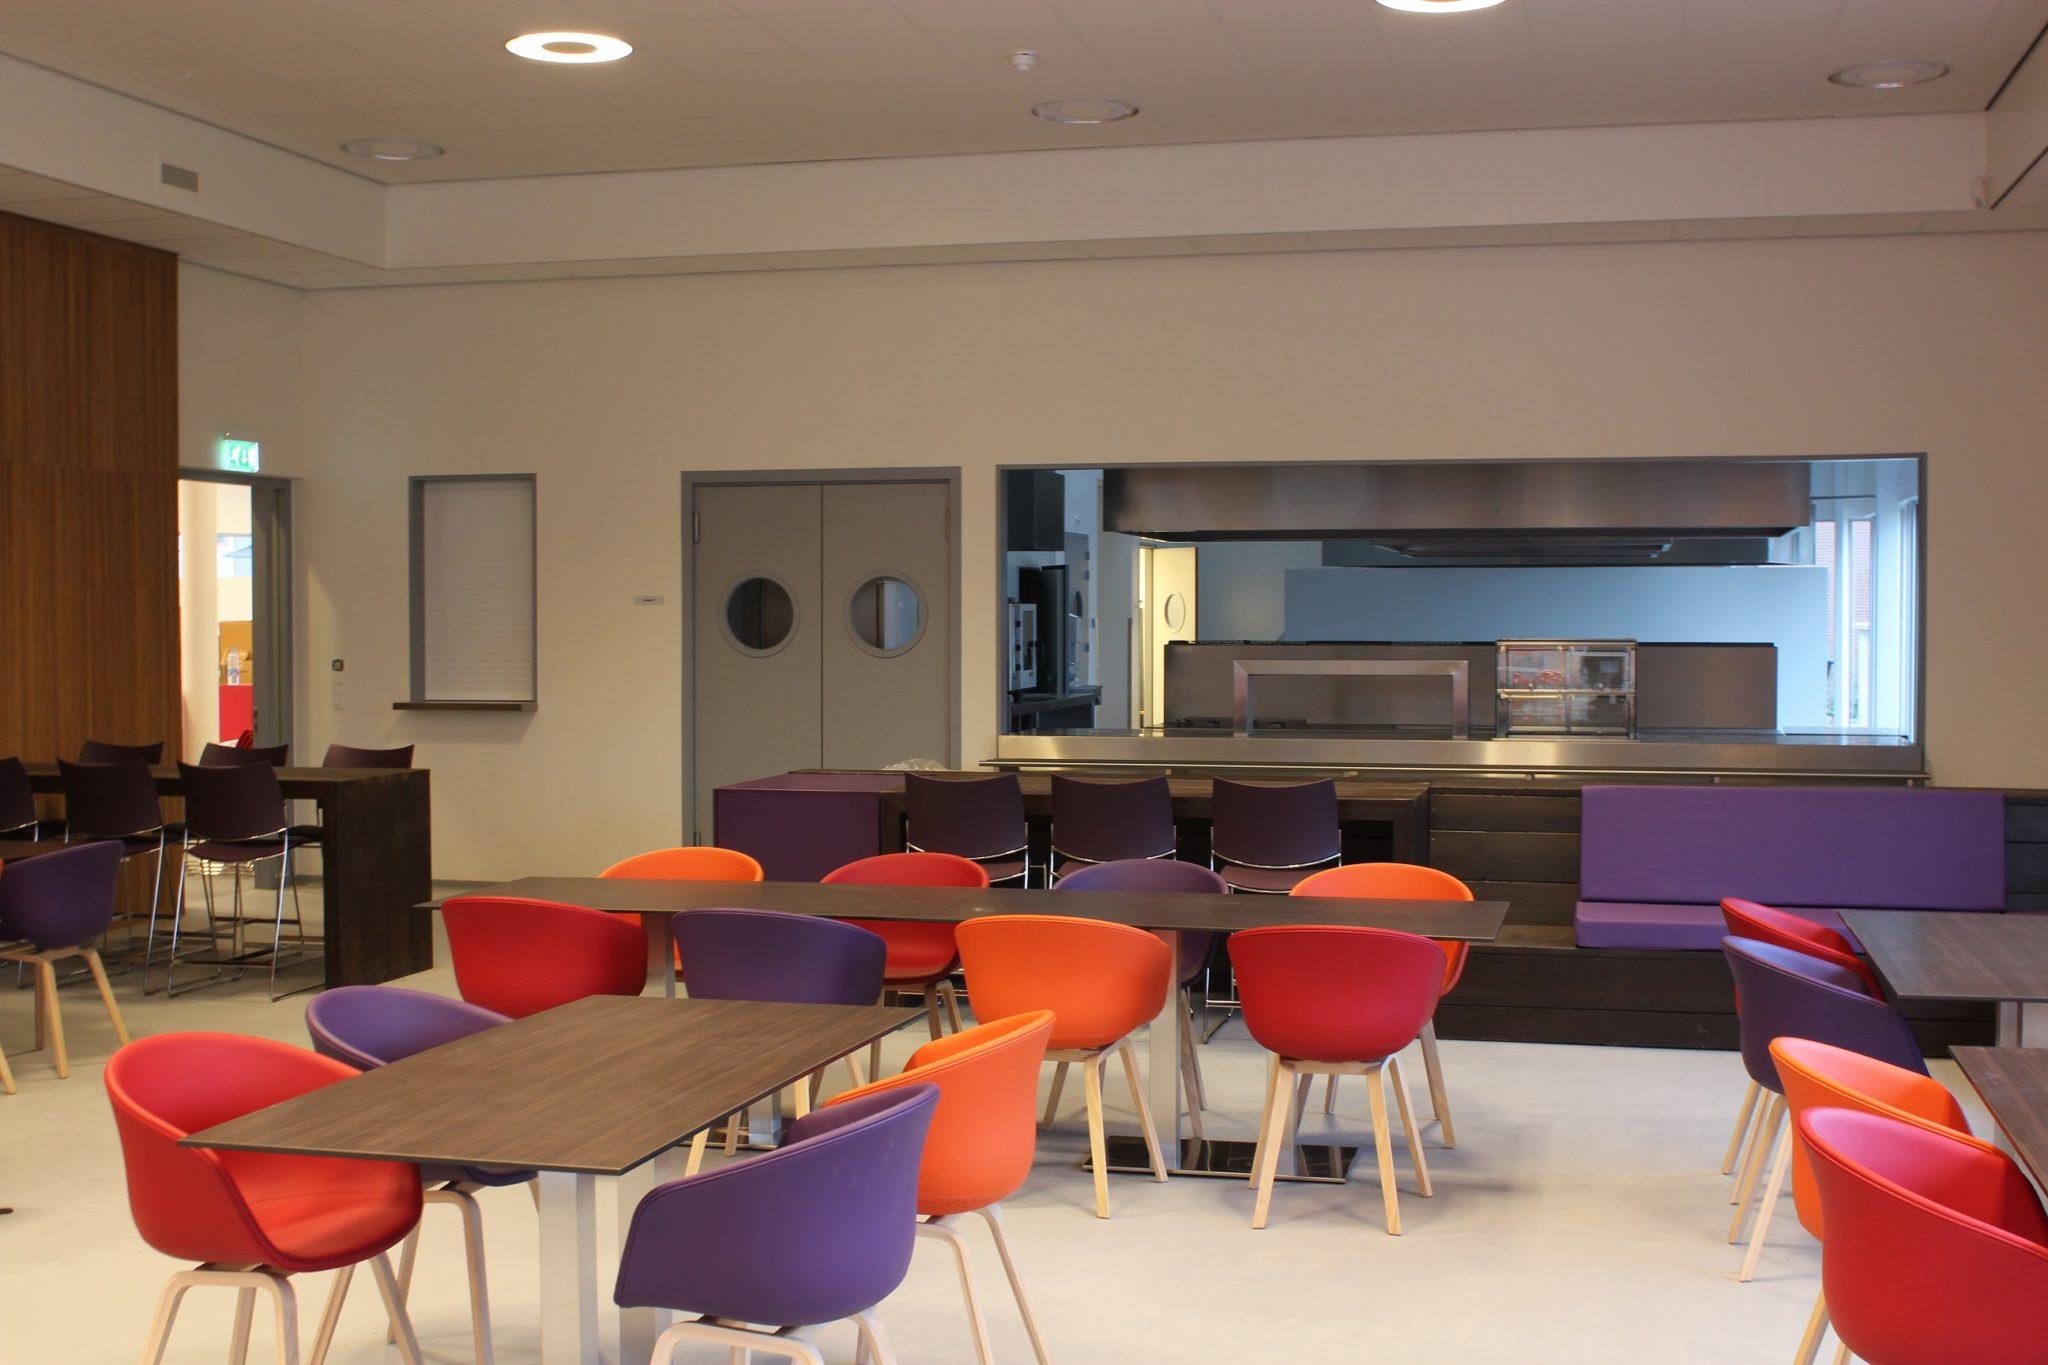 Ooms - Nieuwbouw Futura College Te Woerden